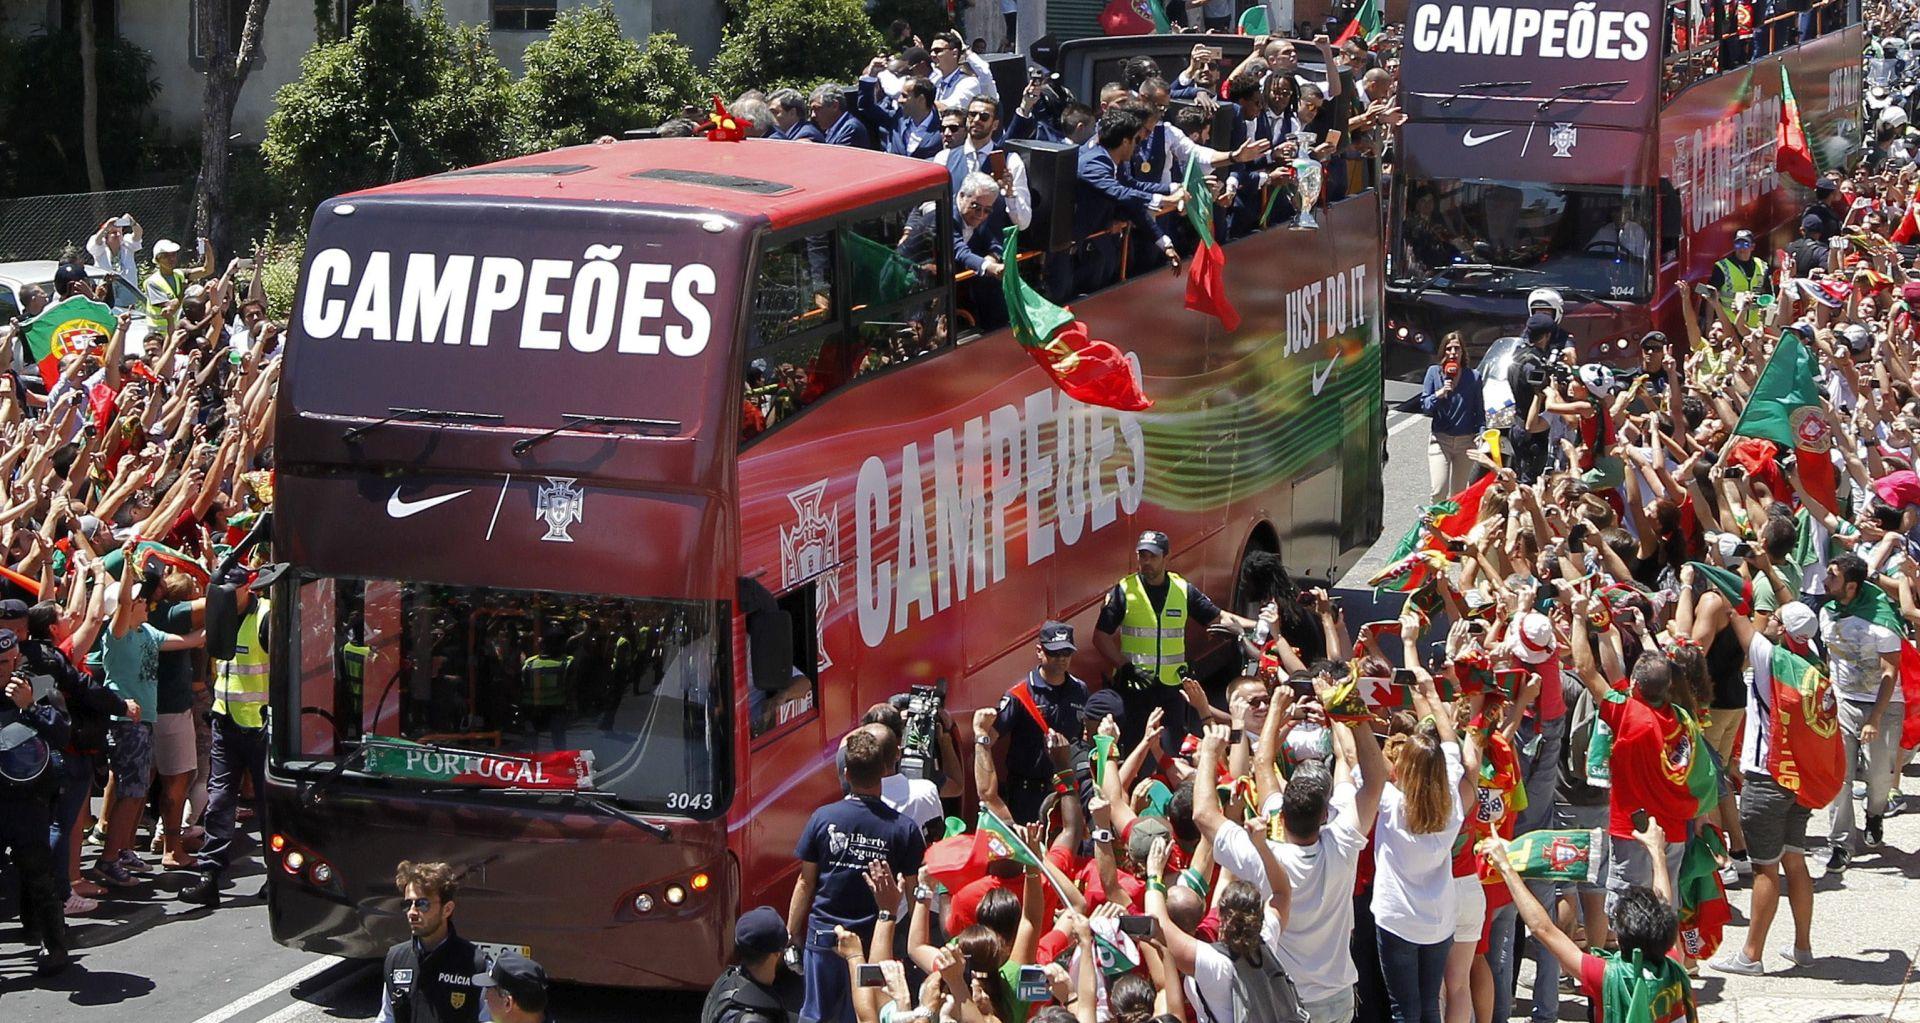 Tisuće fanova dočekale portugalske junake u Lisabonu